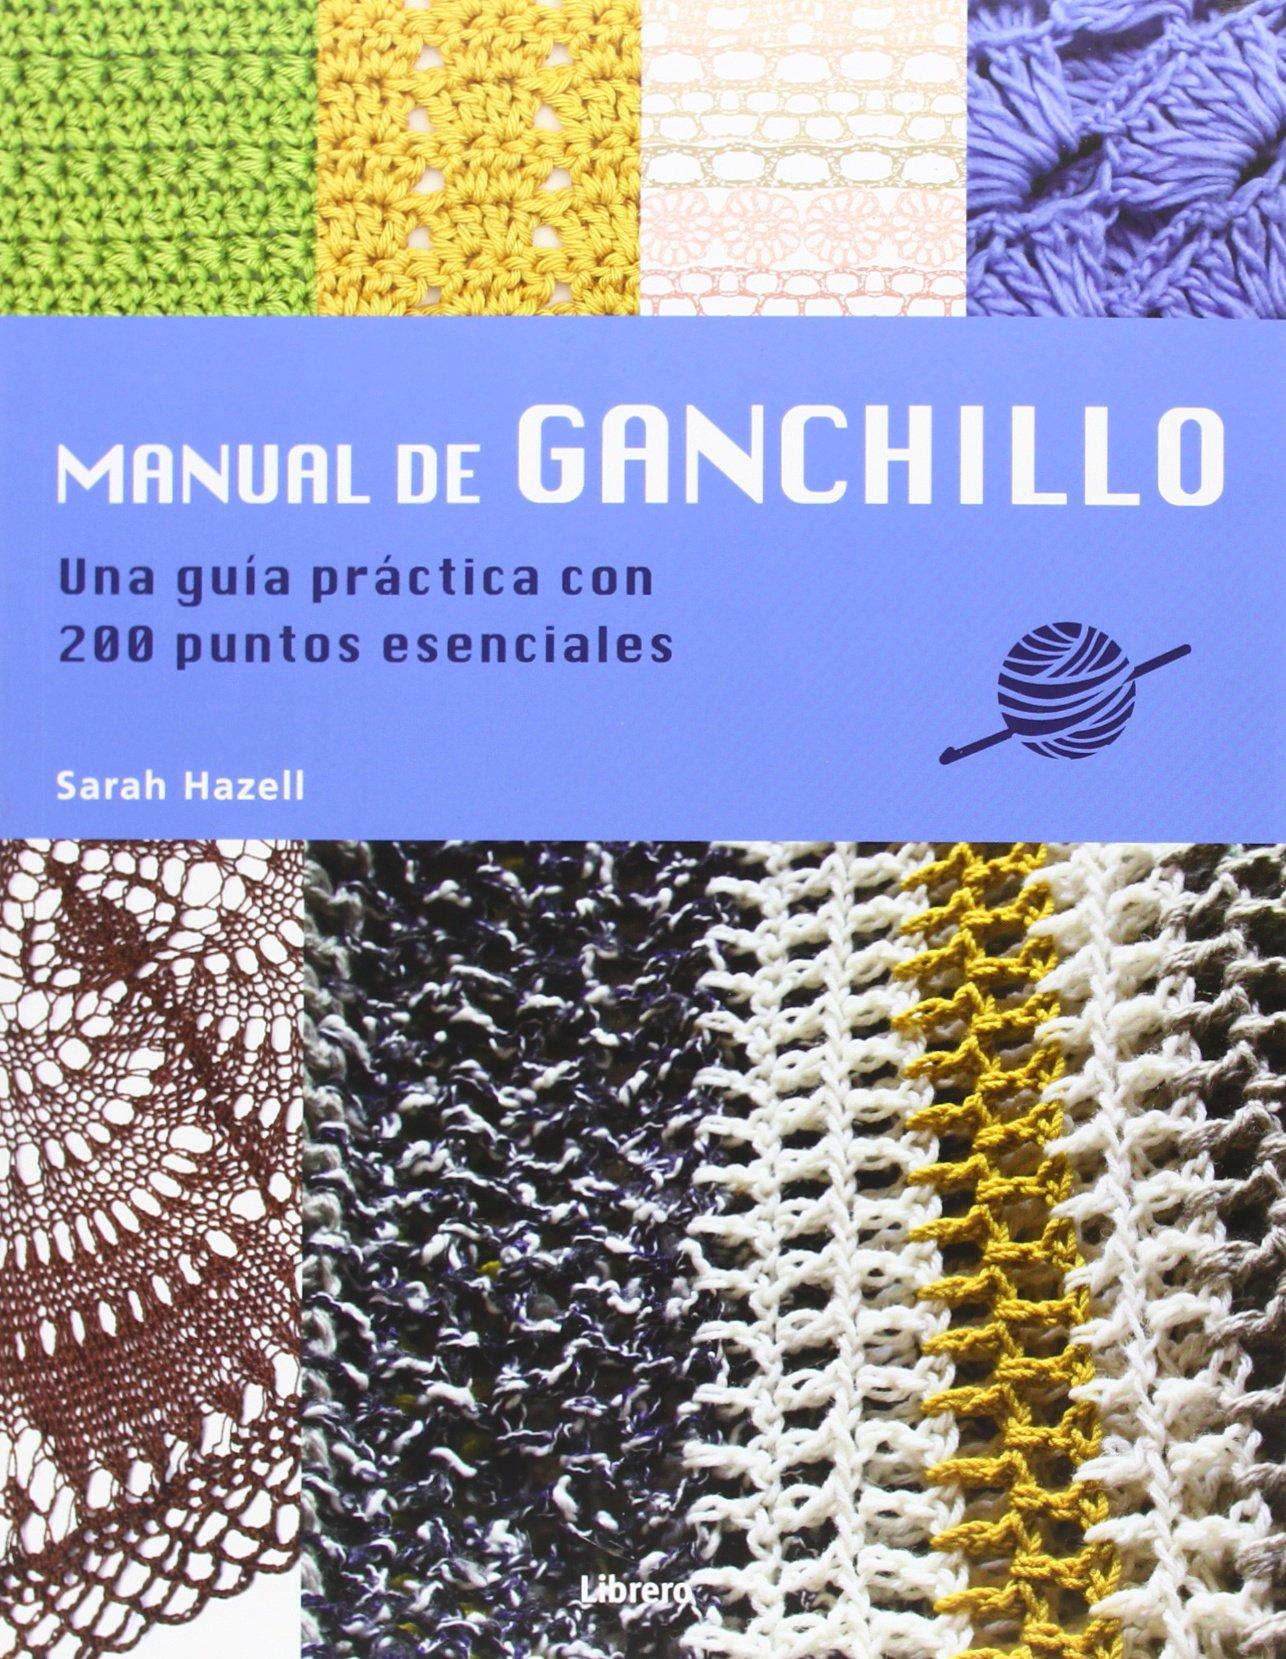 Manual de ganchillo: Amazon.es: Sarah Hazel: Libros